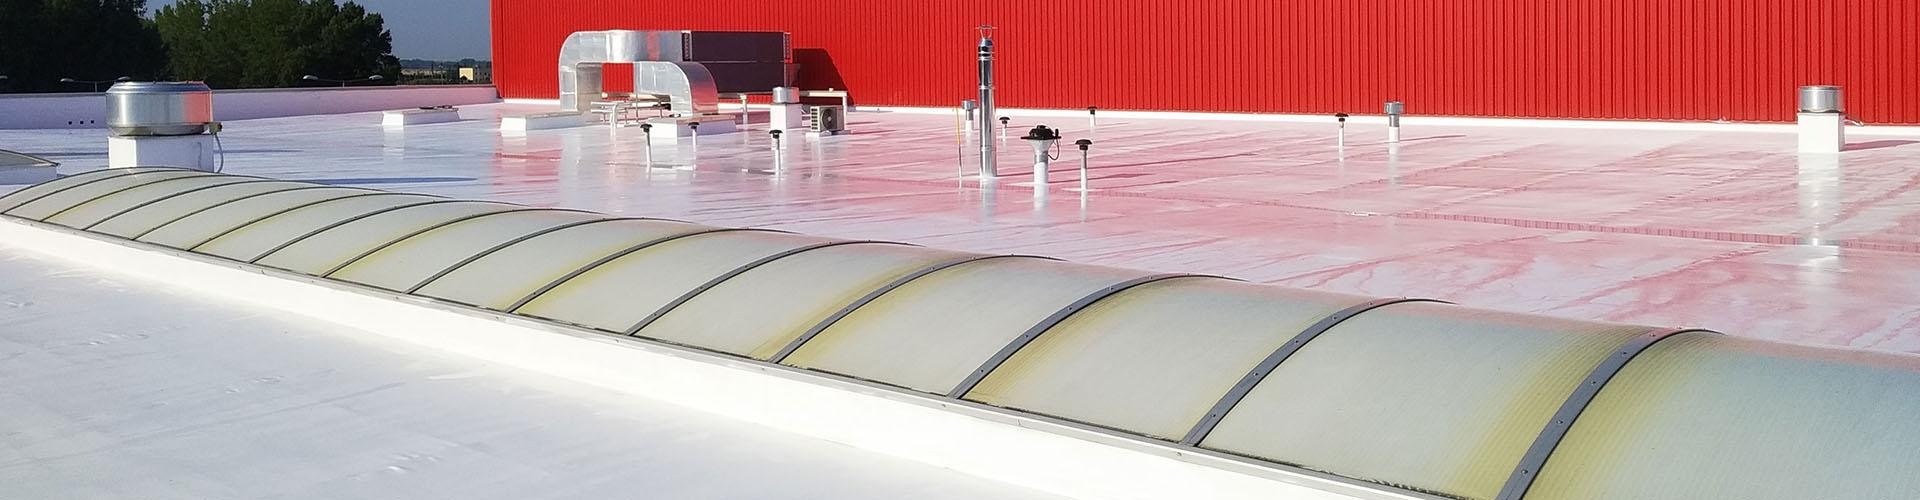 Bis zu 91,4% Sonnenlichtreflexion!  Kühlere Dächer dank Dachbeschichtung ThermoActive